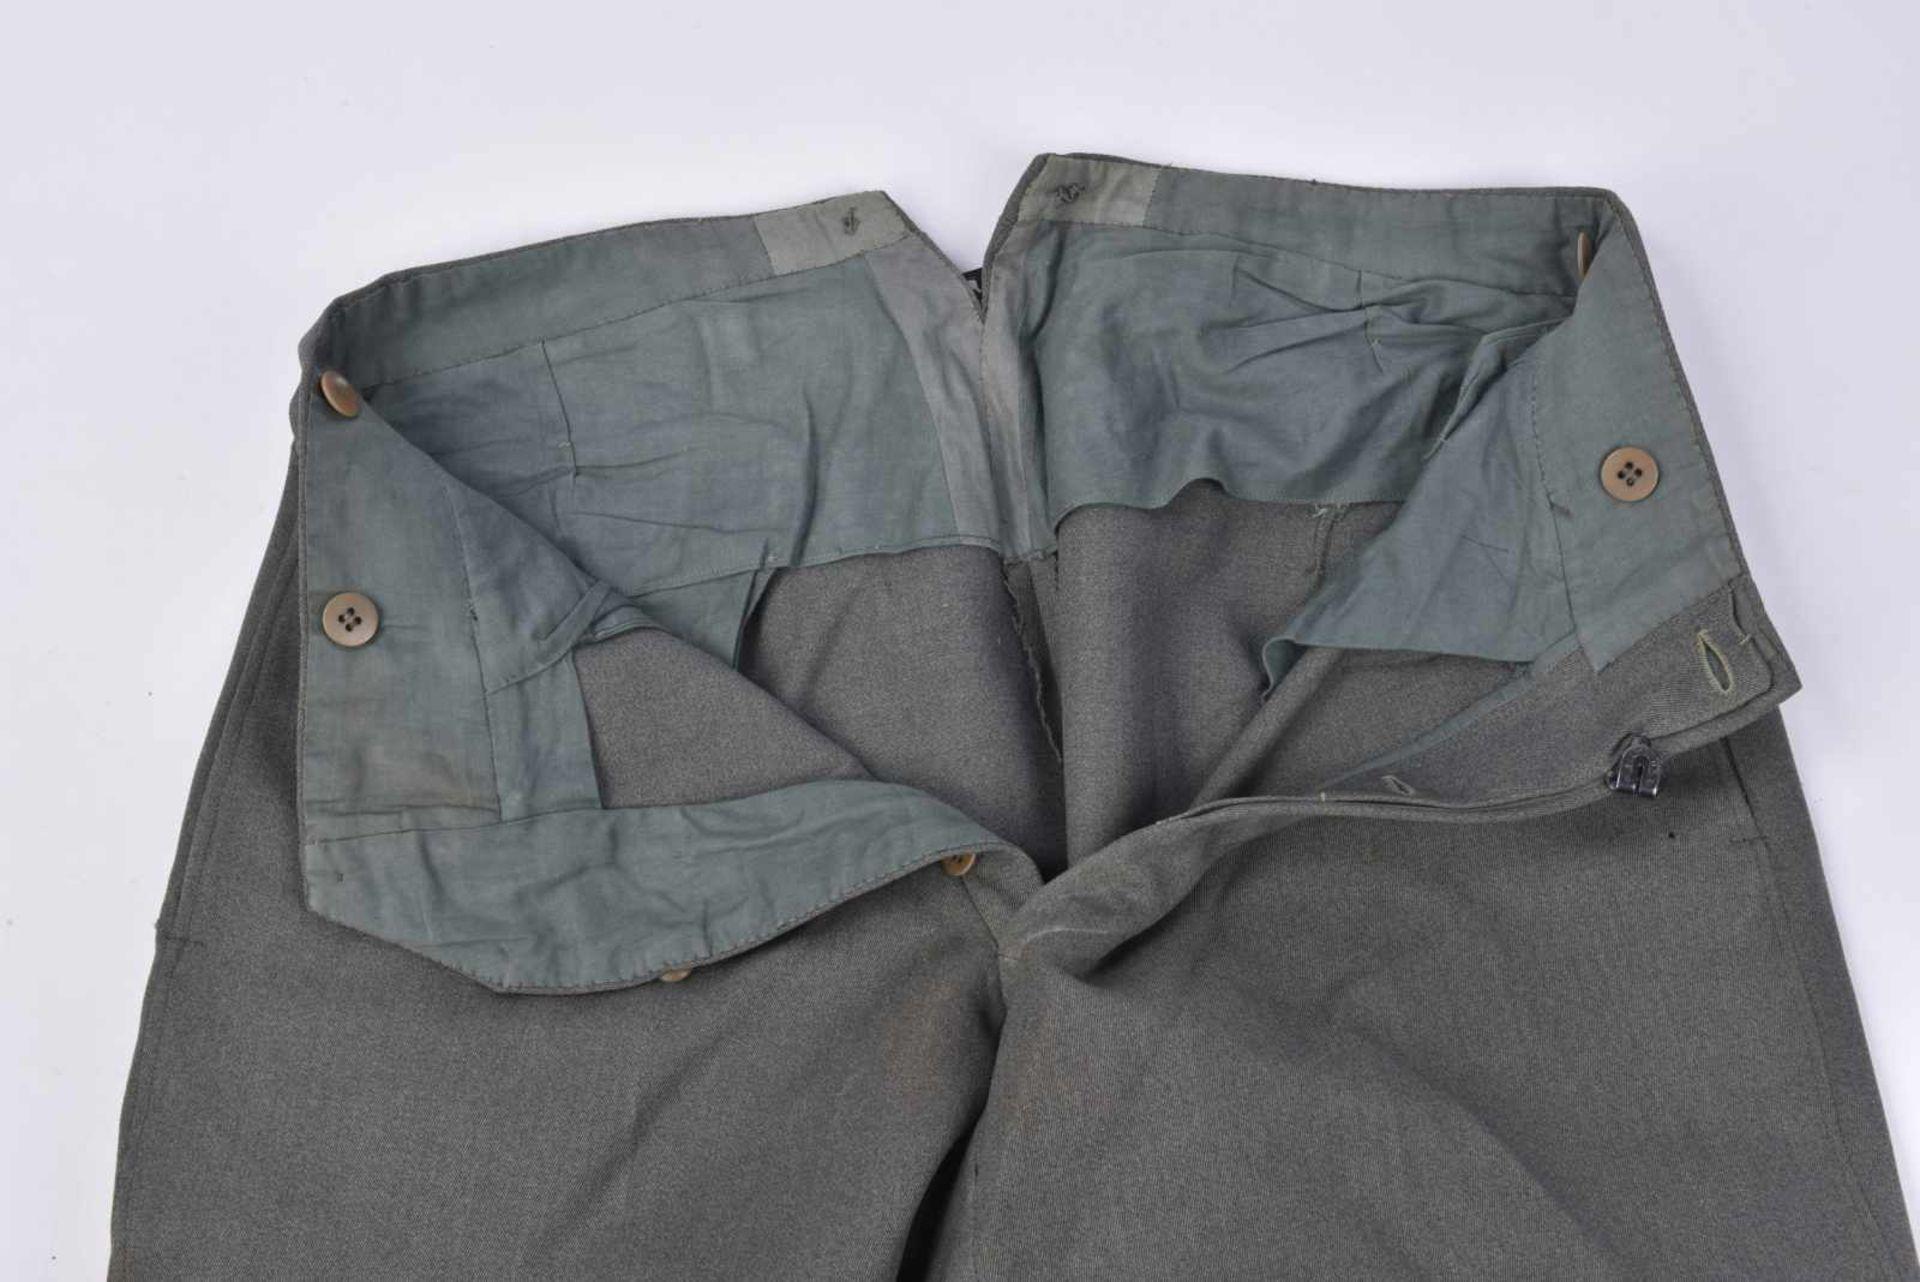 Pantalon culotte de cheval en gabardine grise, probablement une confection tailleur. Tous les - Bild 2 aus 3